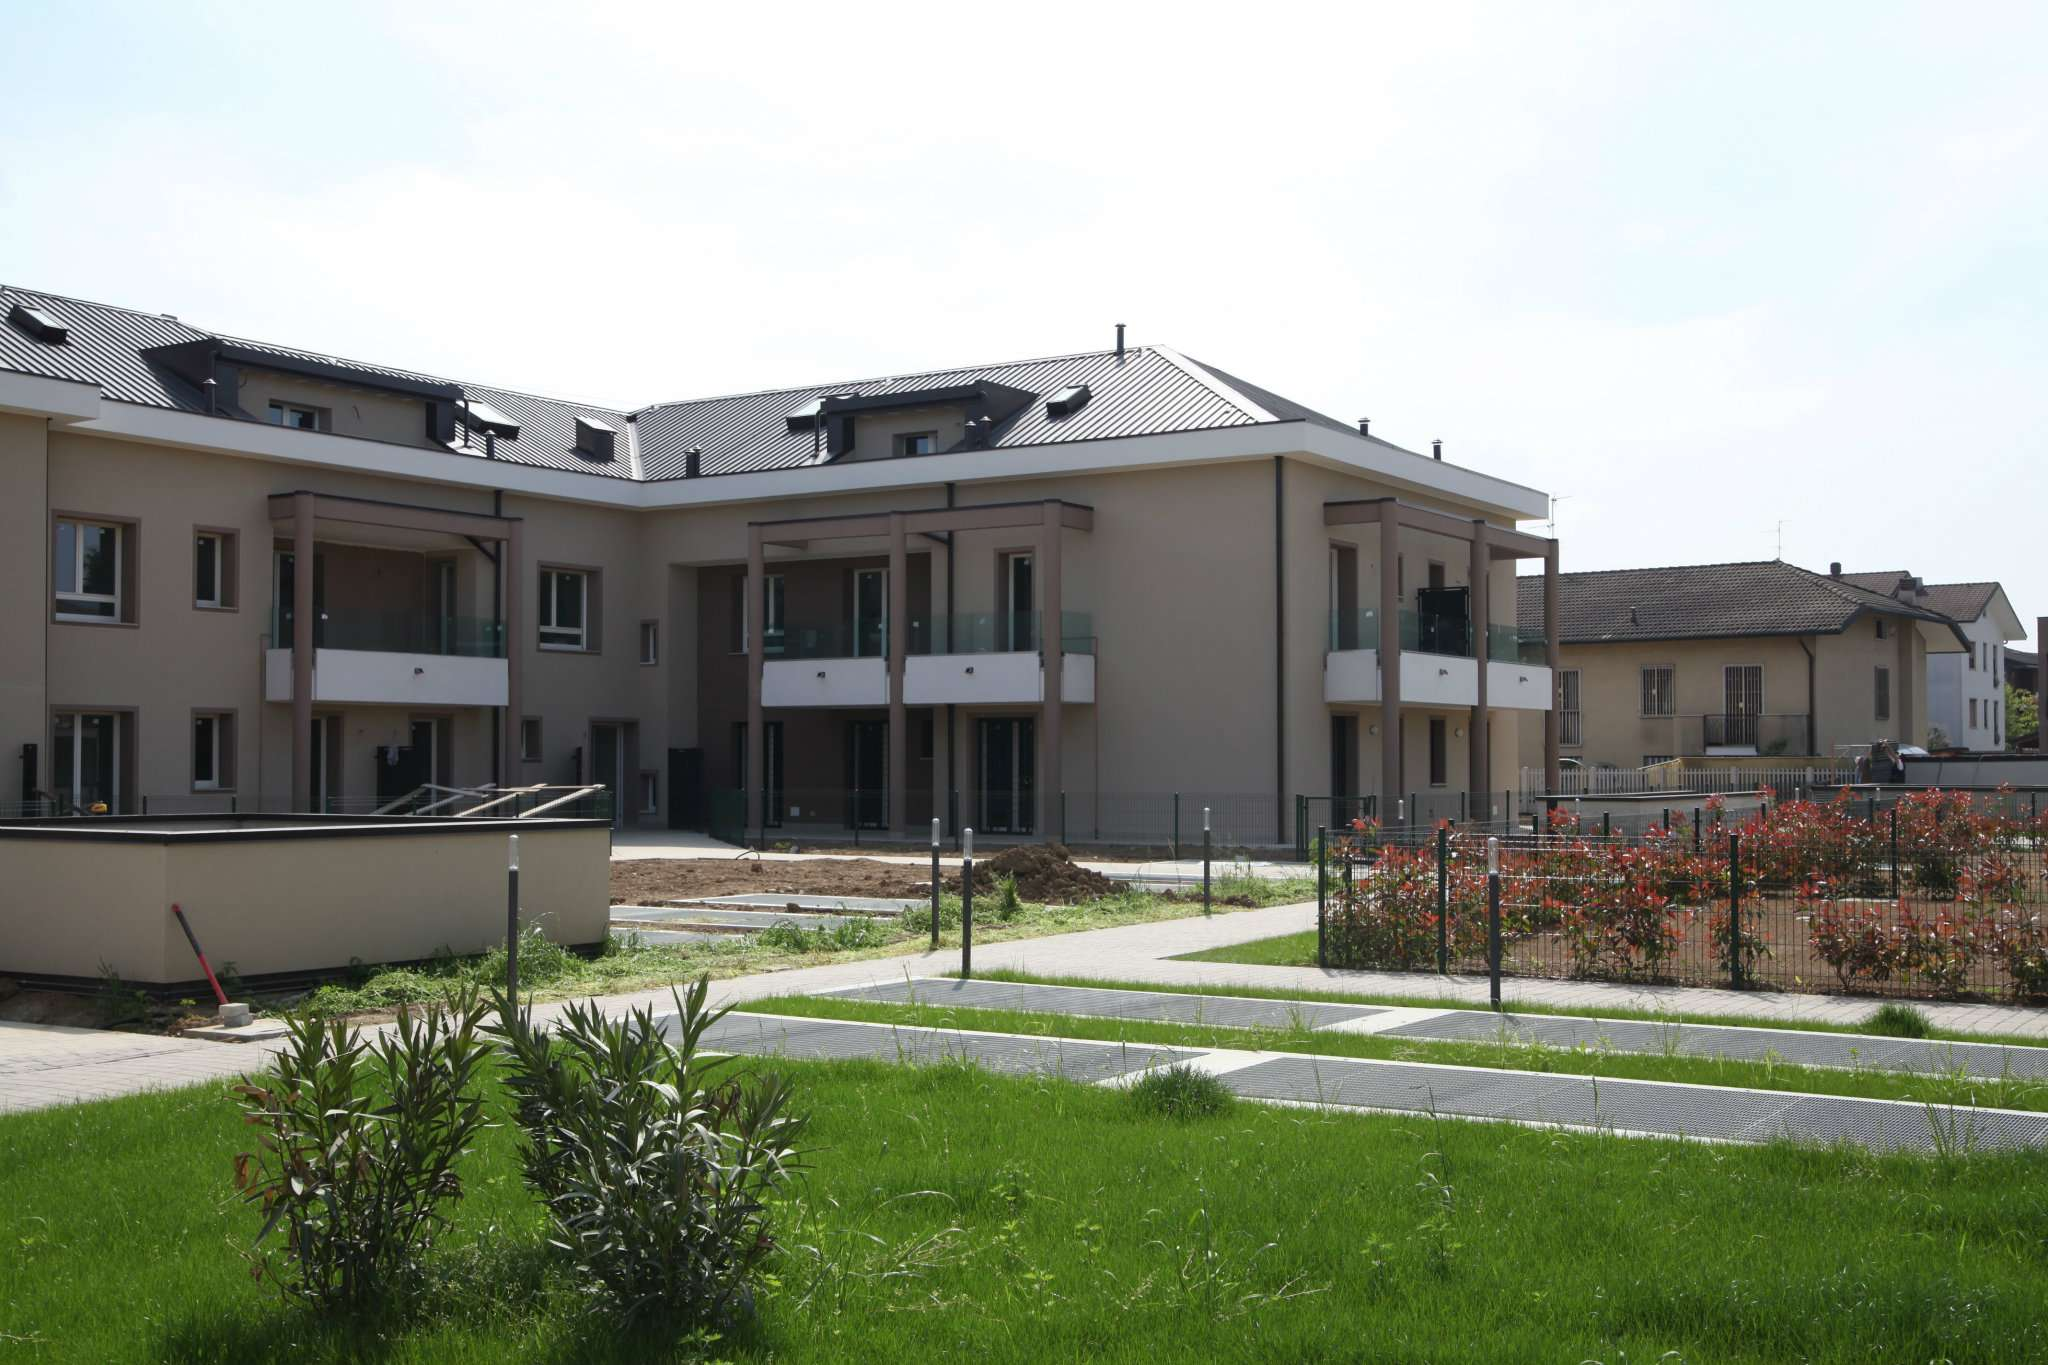 casa cernusco sul naviglio appartamenti e case in vendita